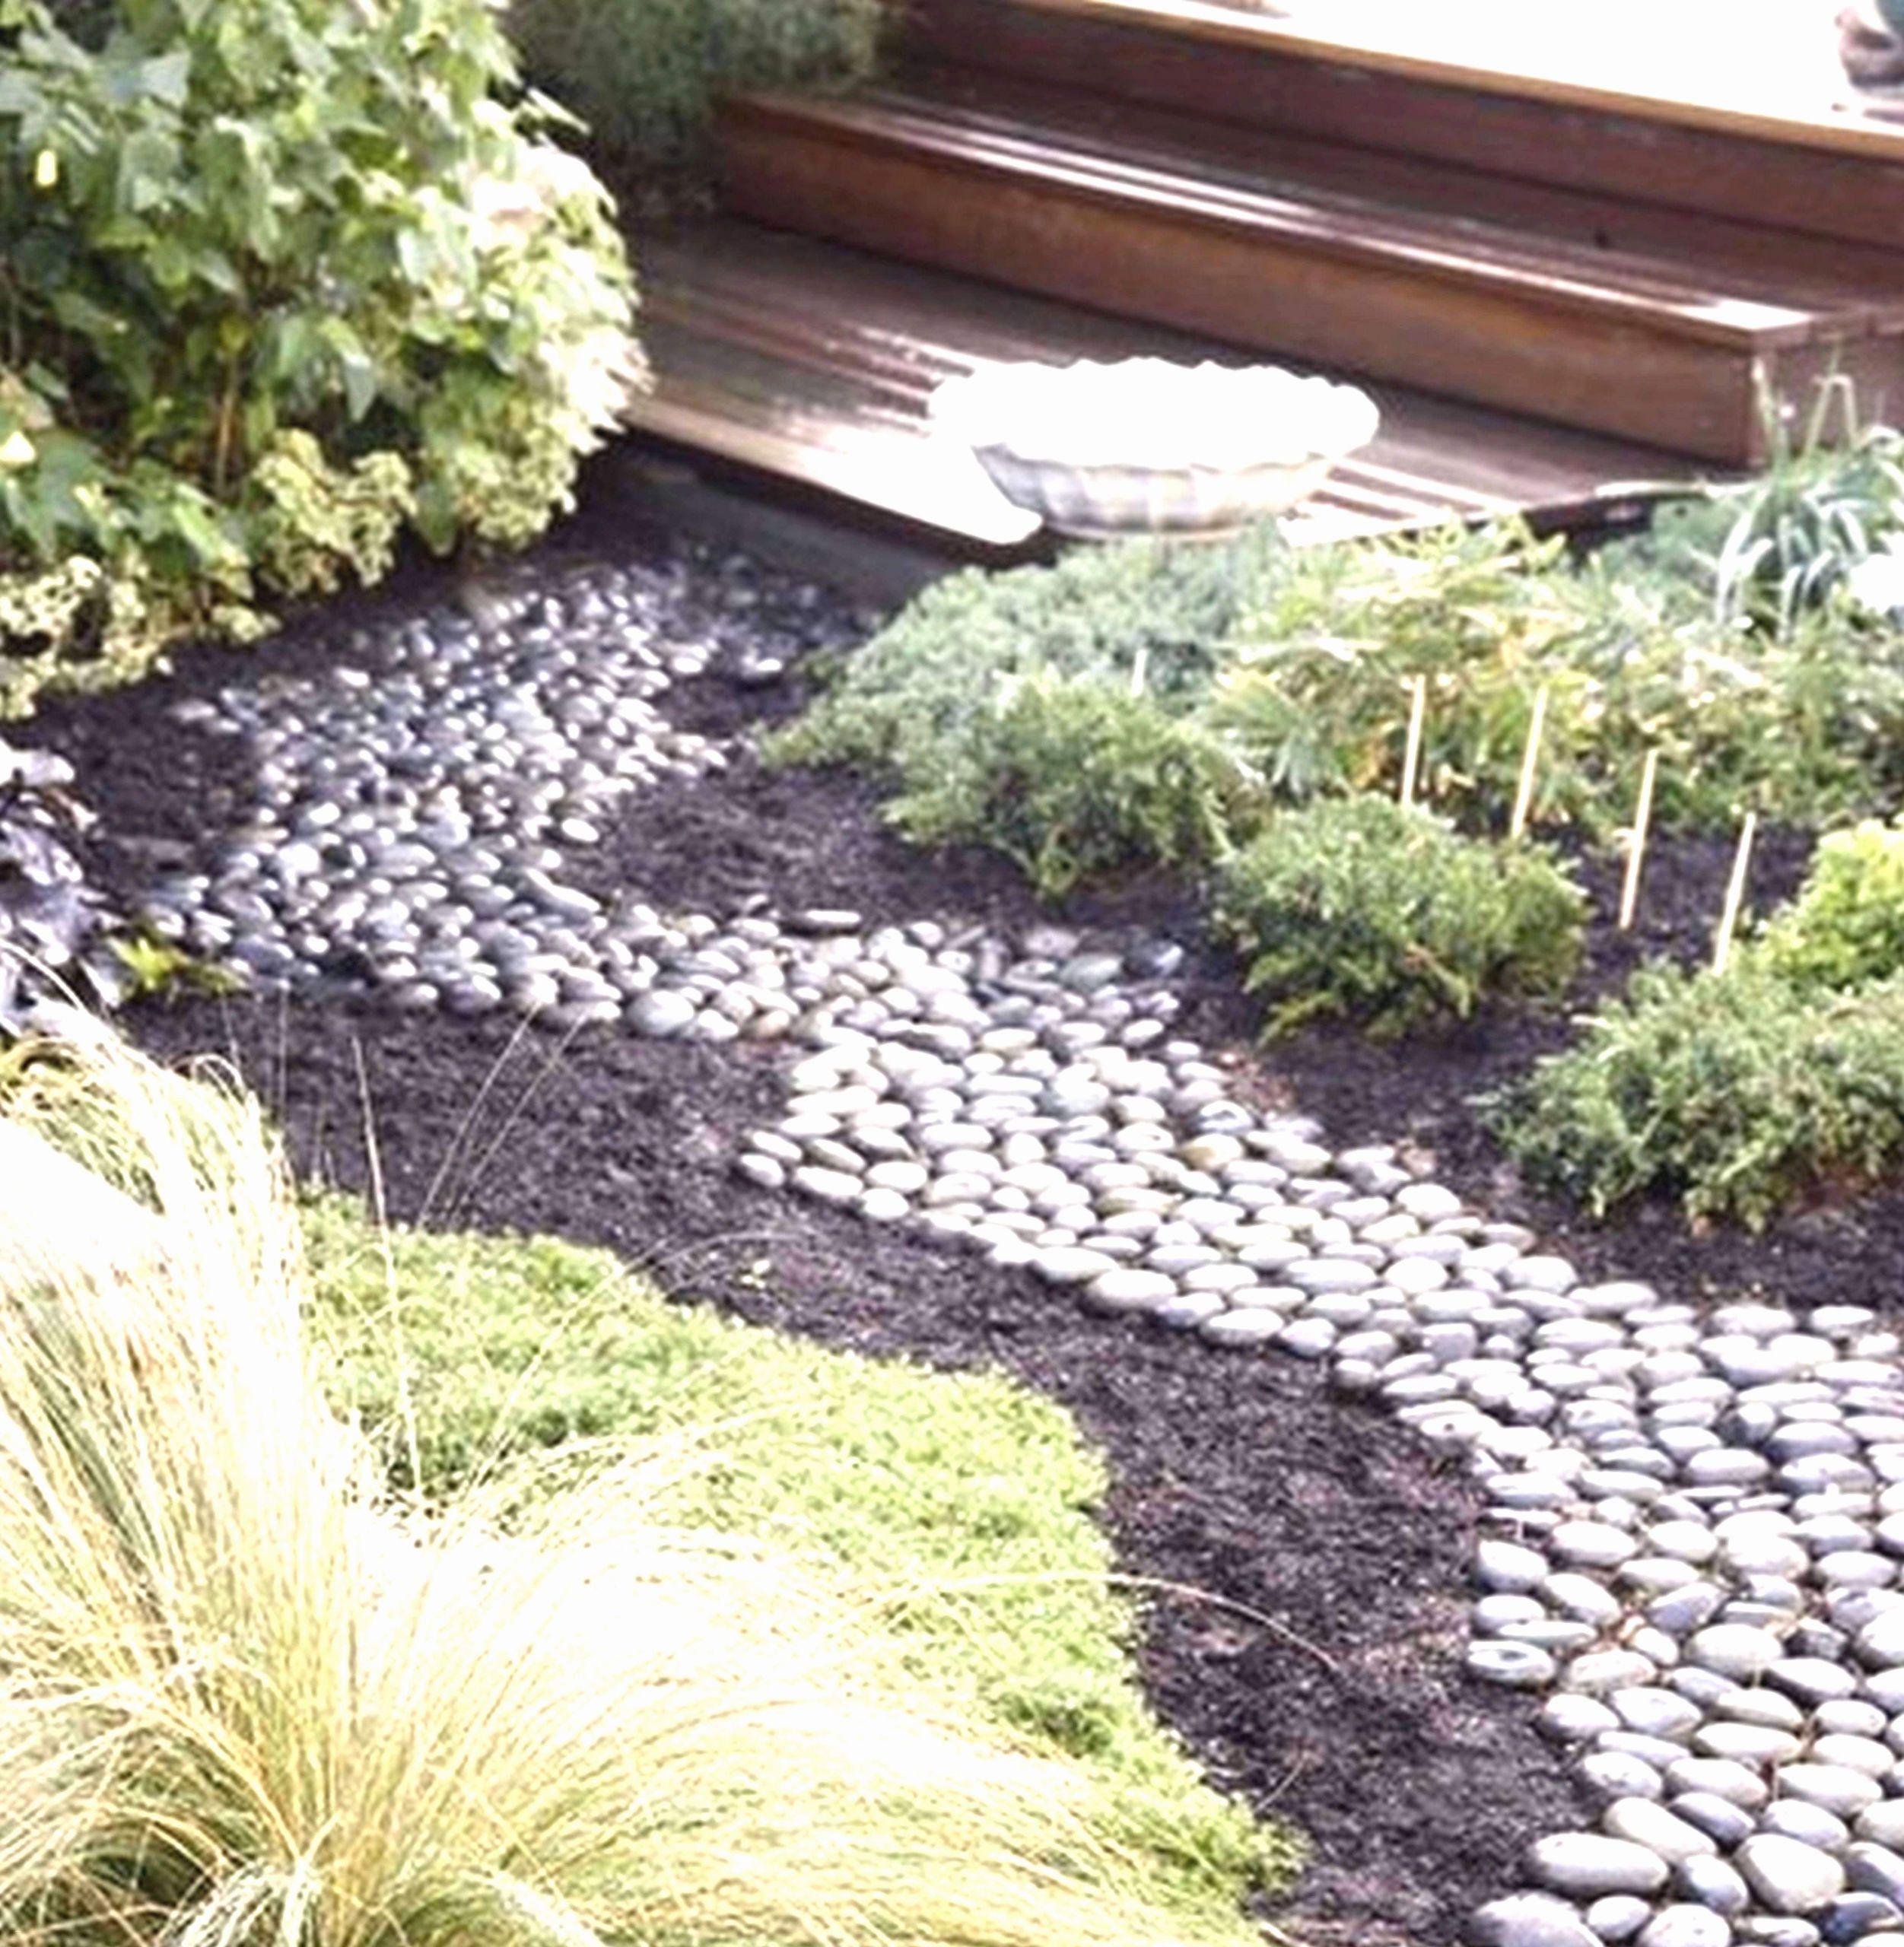 pflegeleichter garten bilder das beste von garden walkways unique 20 best hangbefestigung steine ideas of pflegeleichter garten bilder scaled